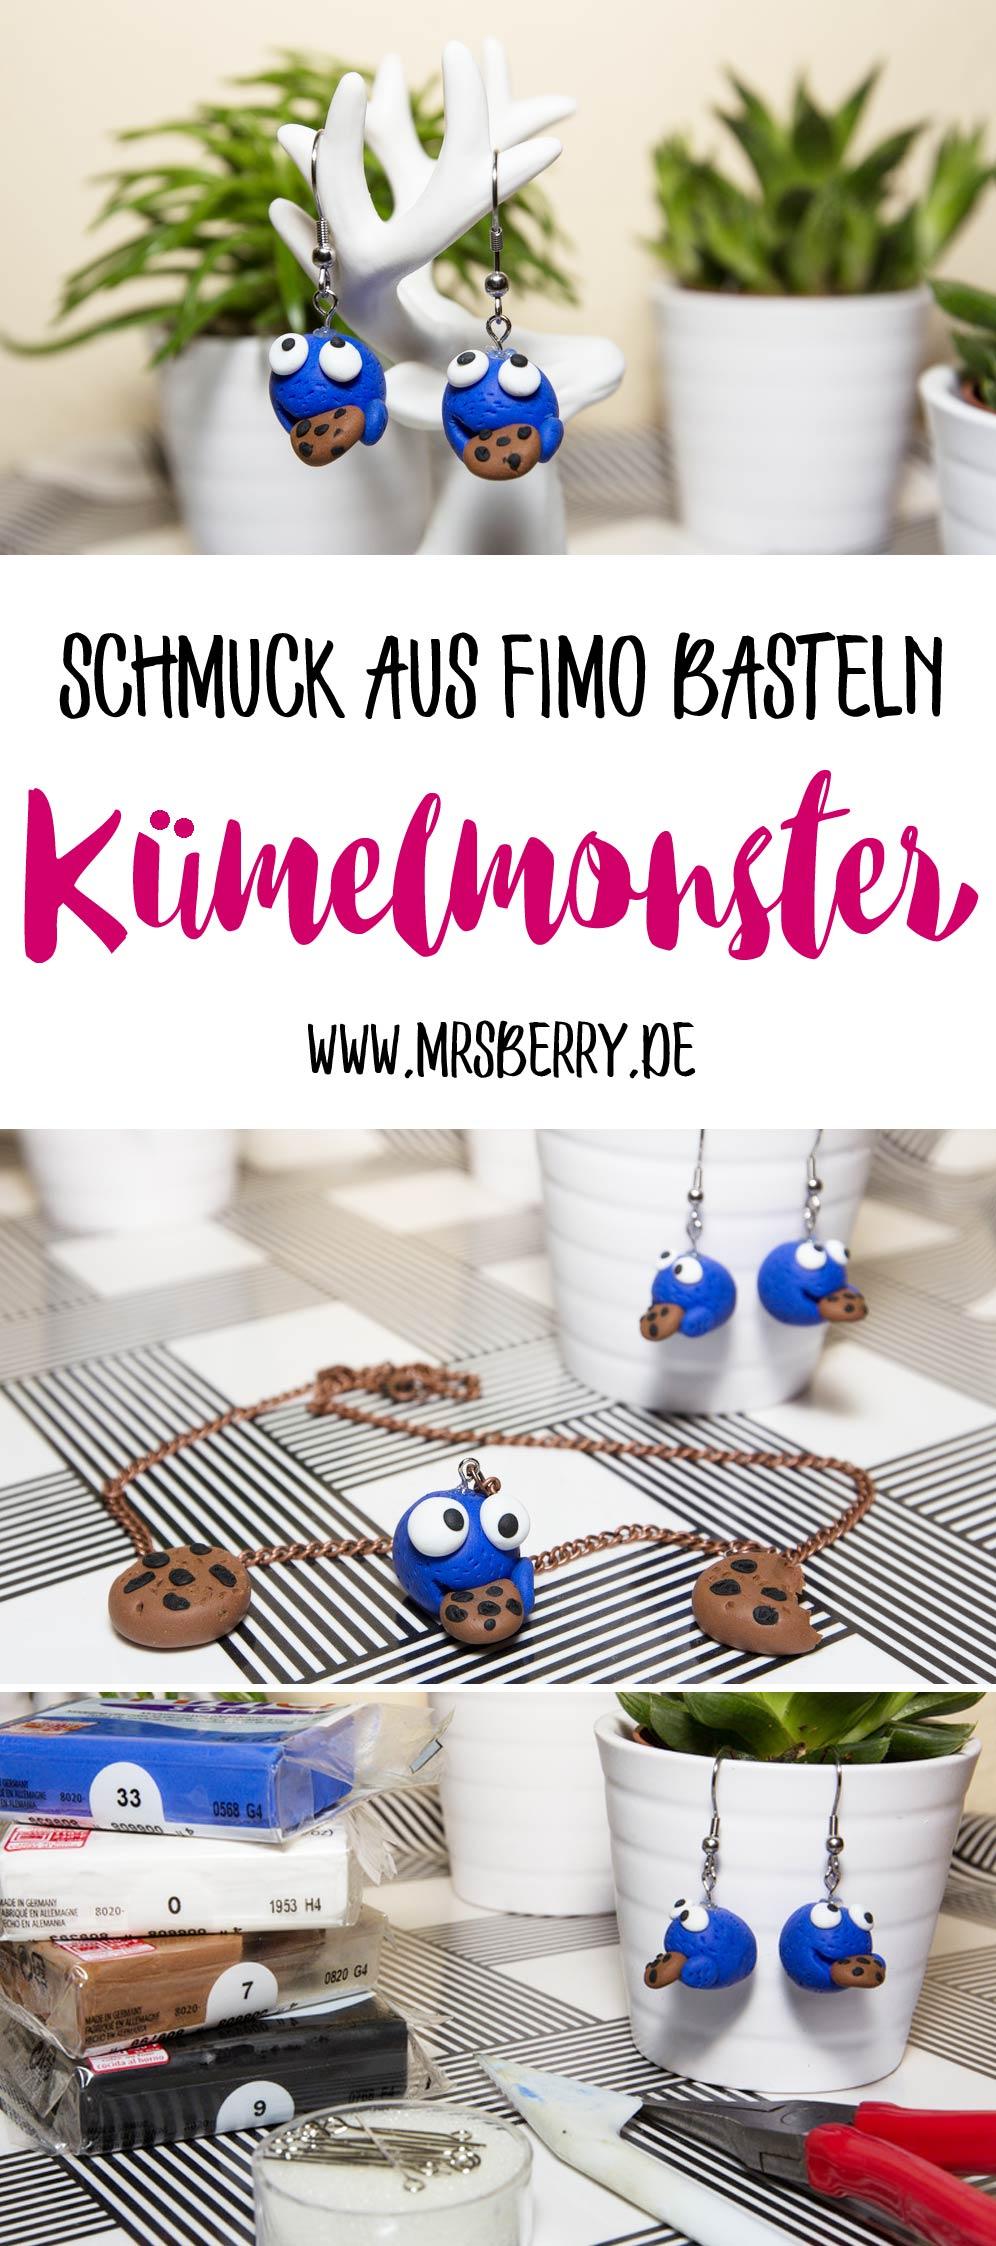 DIY Idee: Krümelmonster Schmuck aus Fimo basteln | Eine tolle Bastelidee für Kinder.